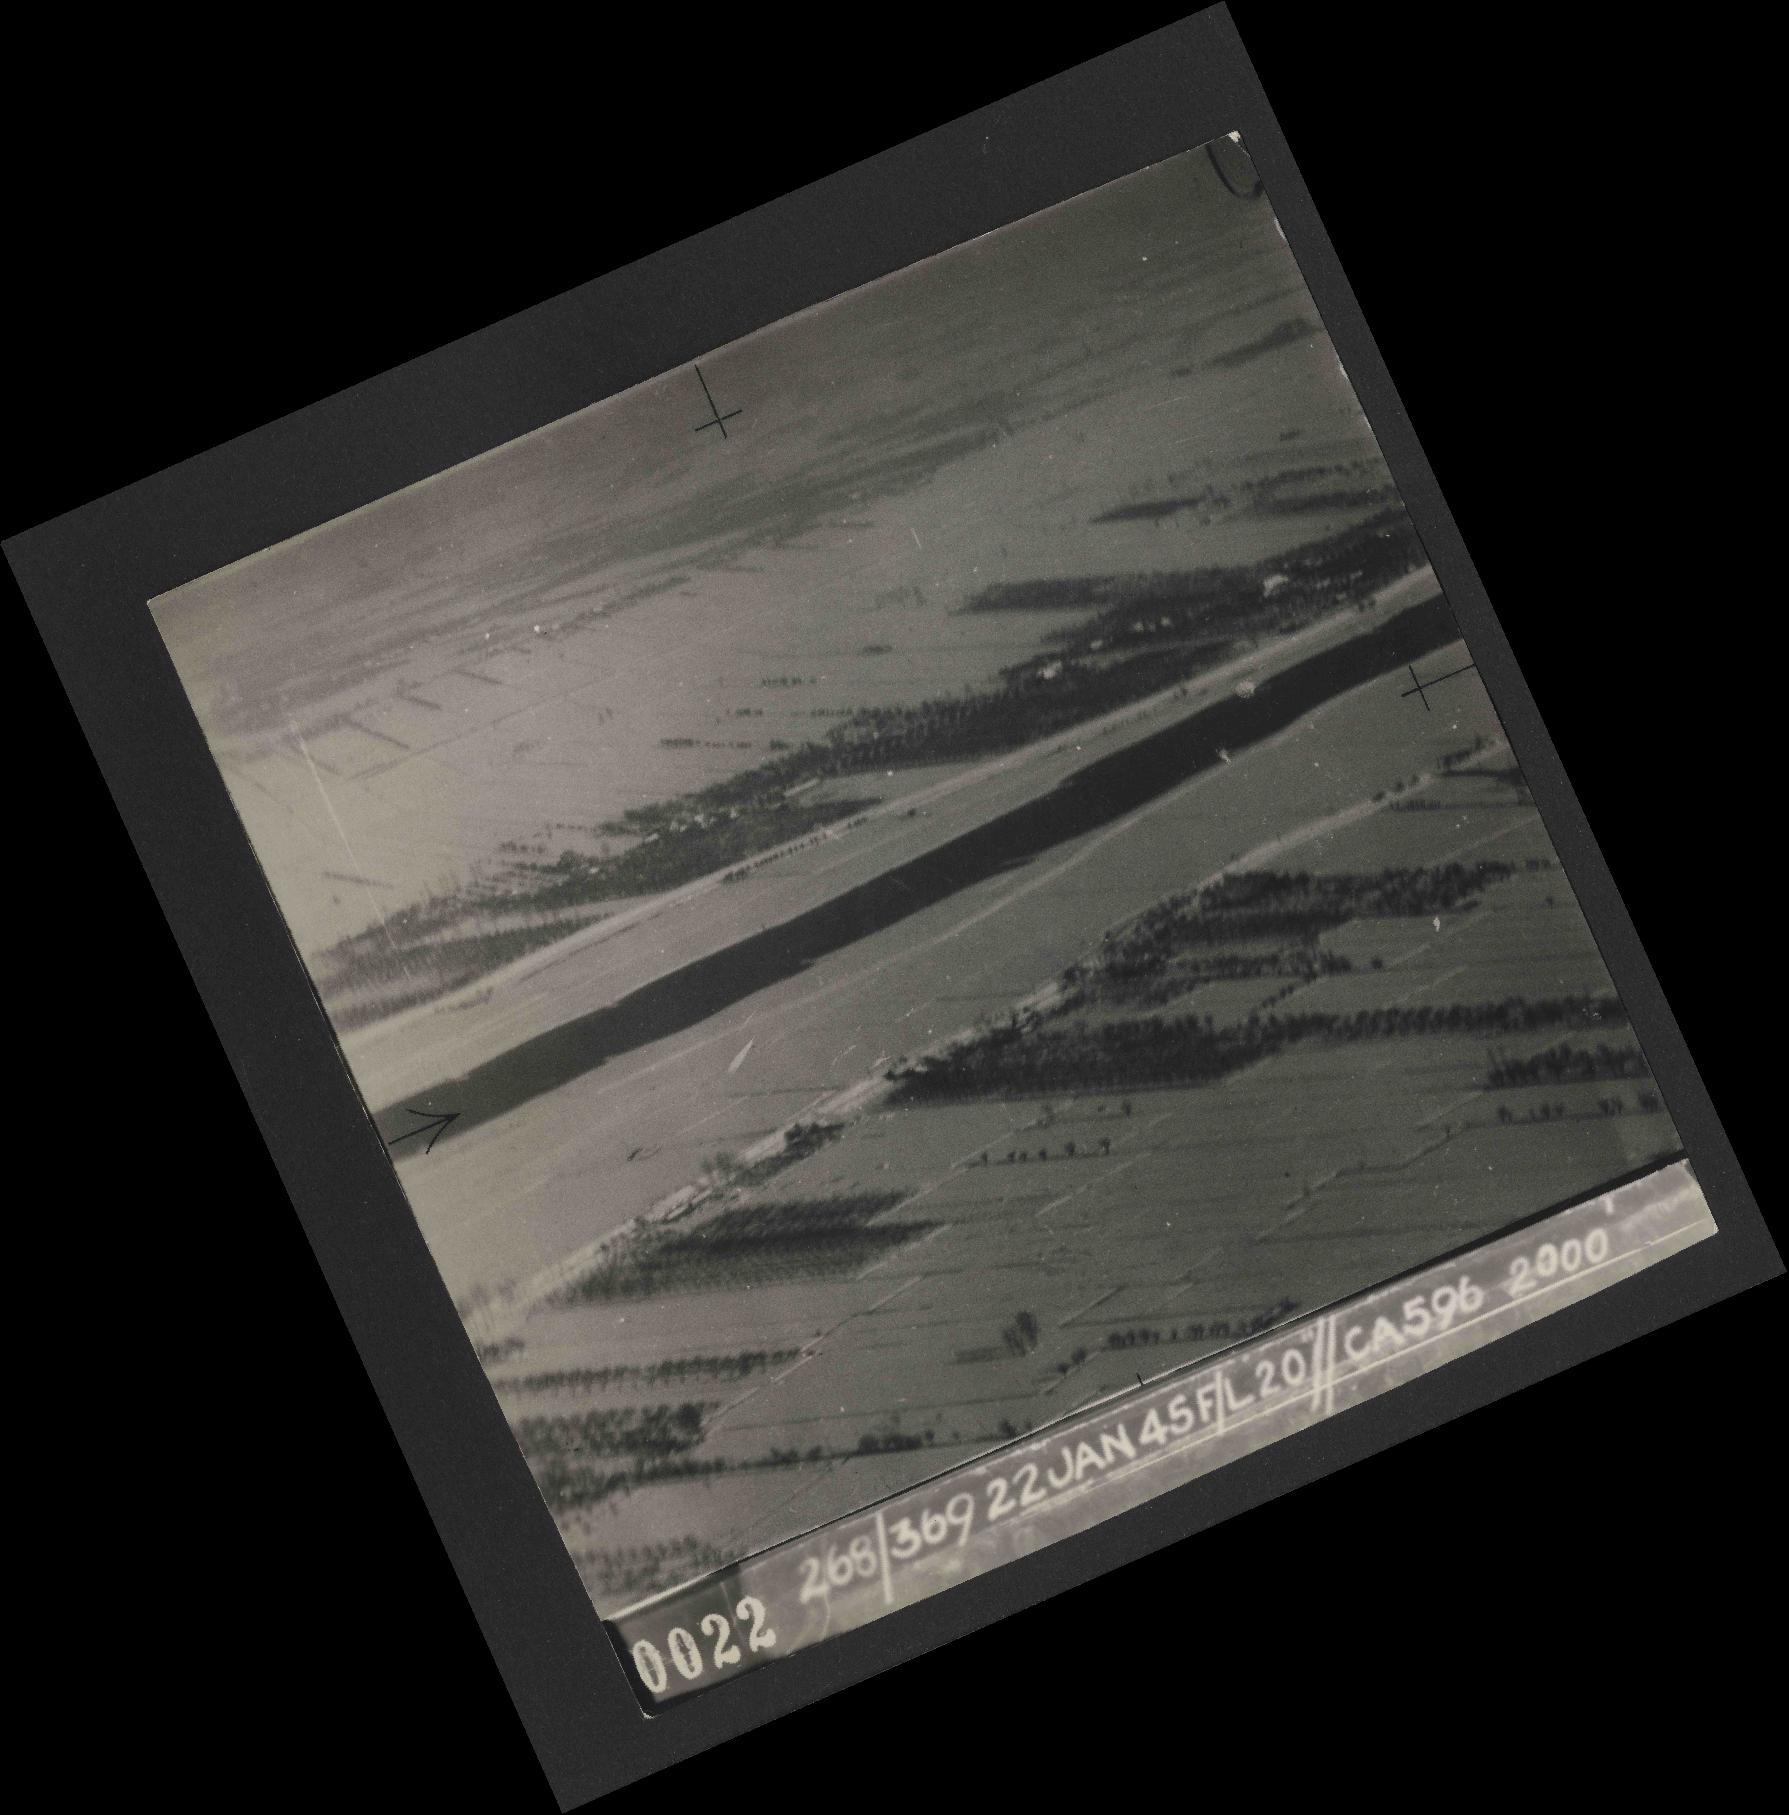 Collection RAF aerial photos 1940-1945 - flight 539, run 01, photo 0022